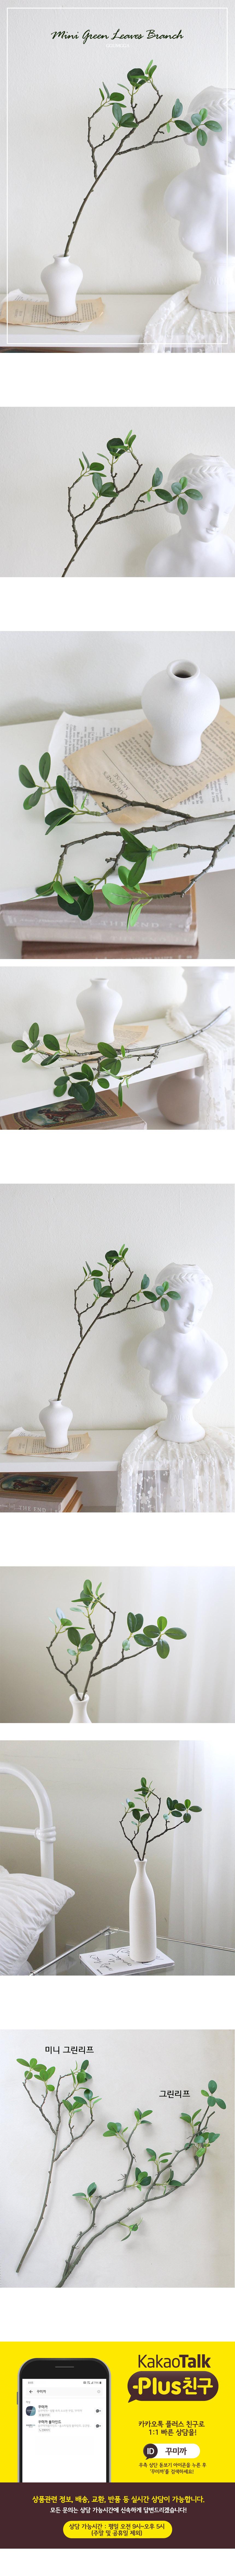 미니 그린 리프 나무가지 조화 - 디자인, 3,900원, 조화, 부쉬